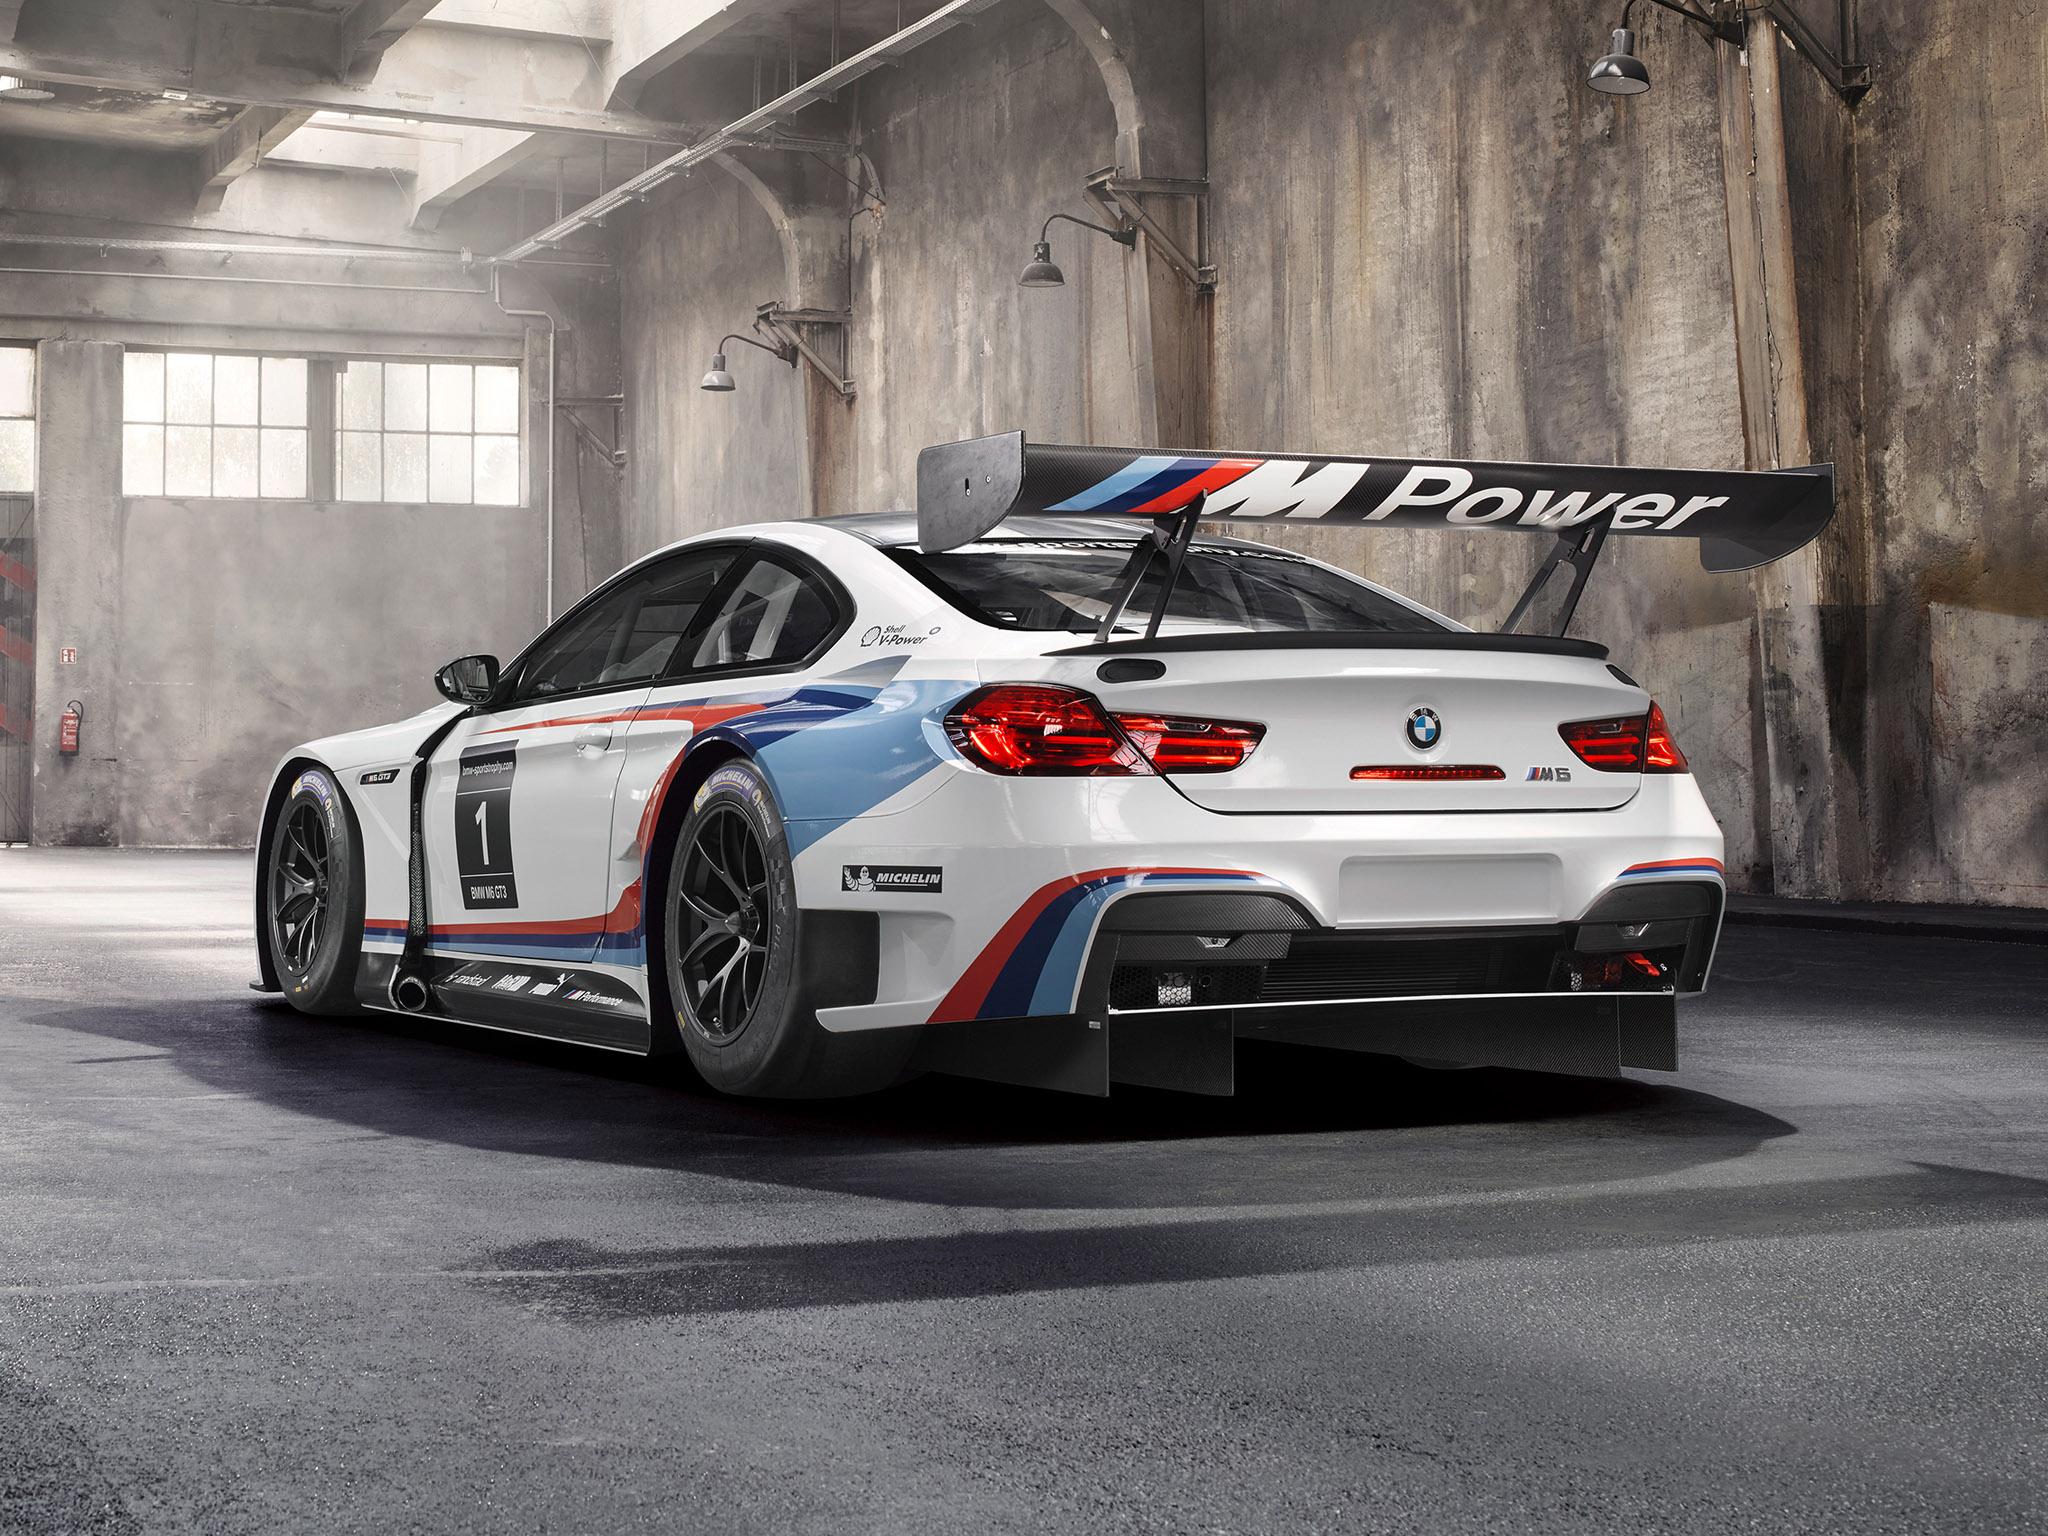 2015 Bmw M6 GT3 F13